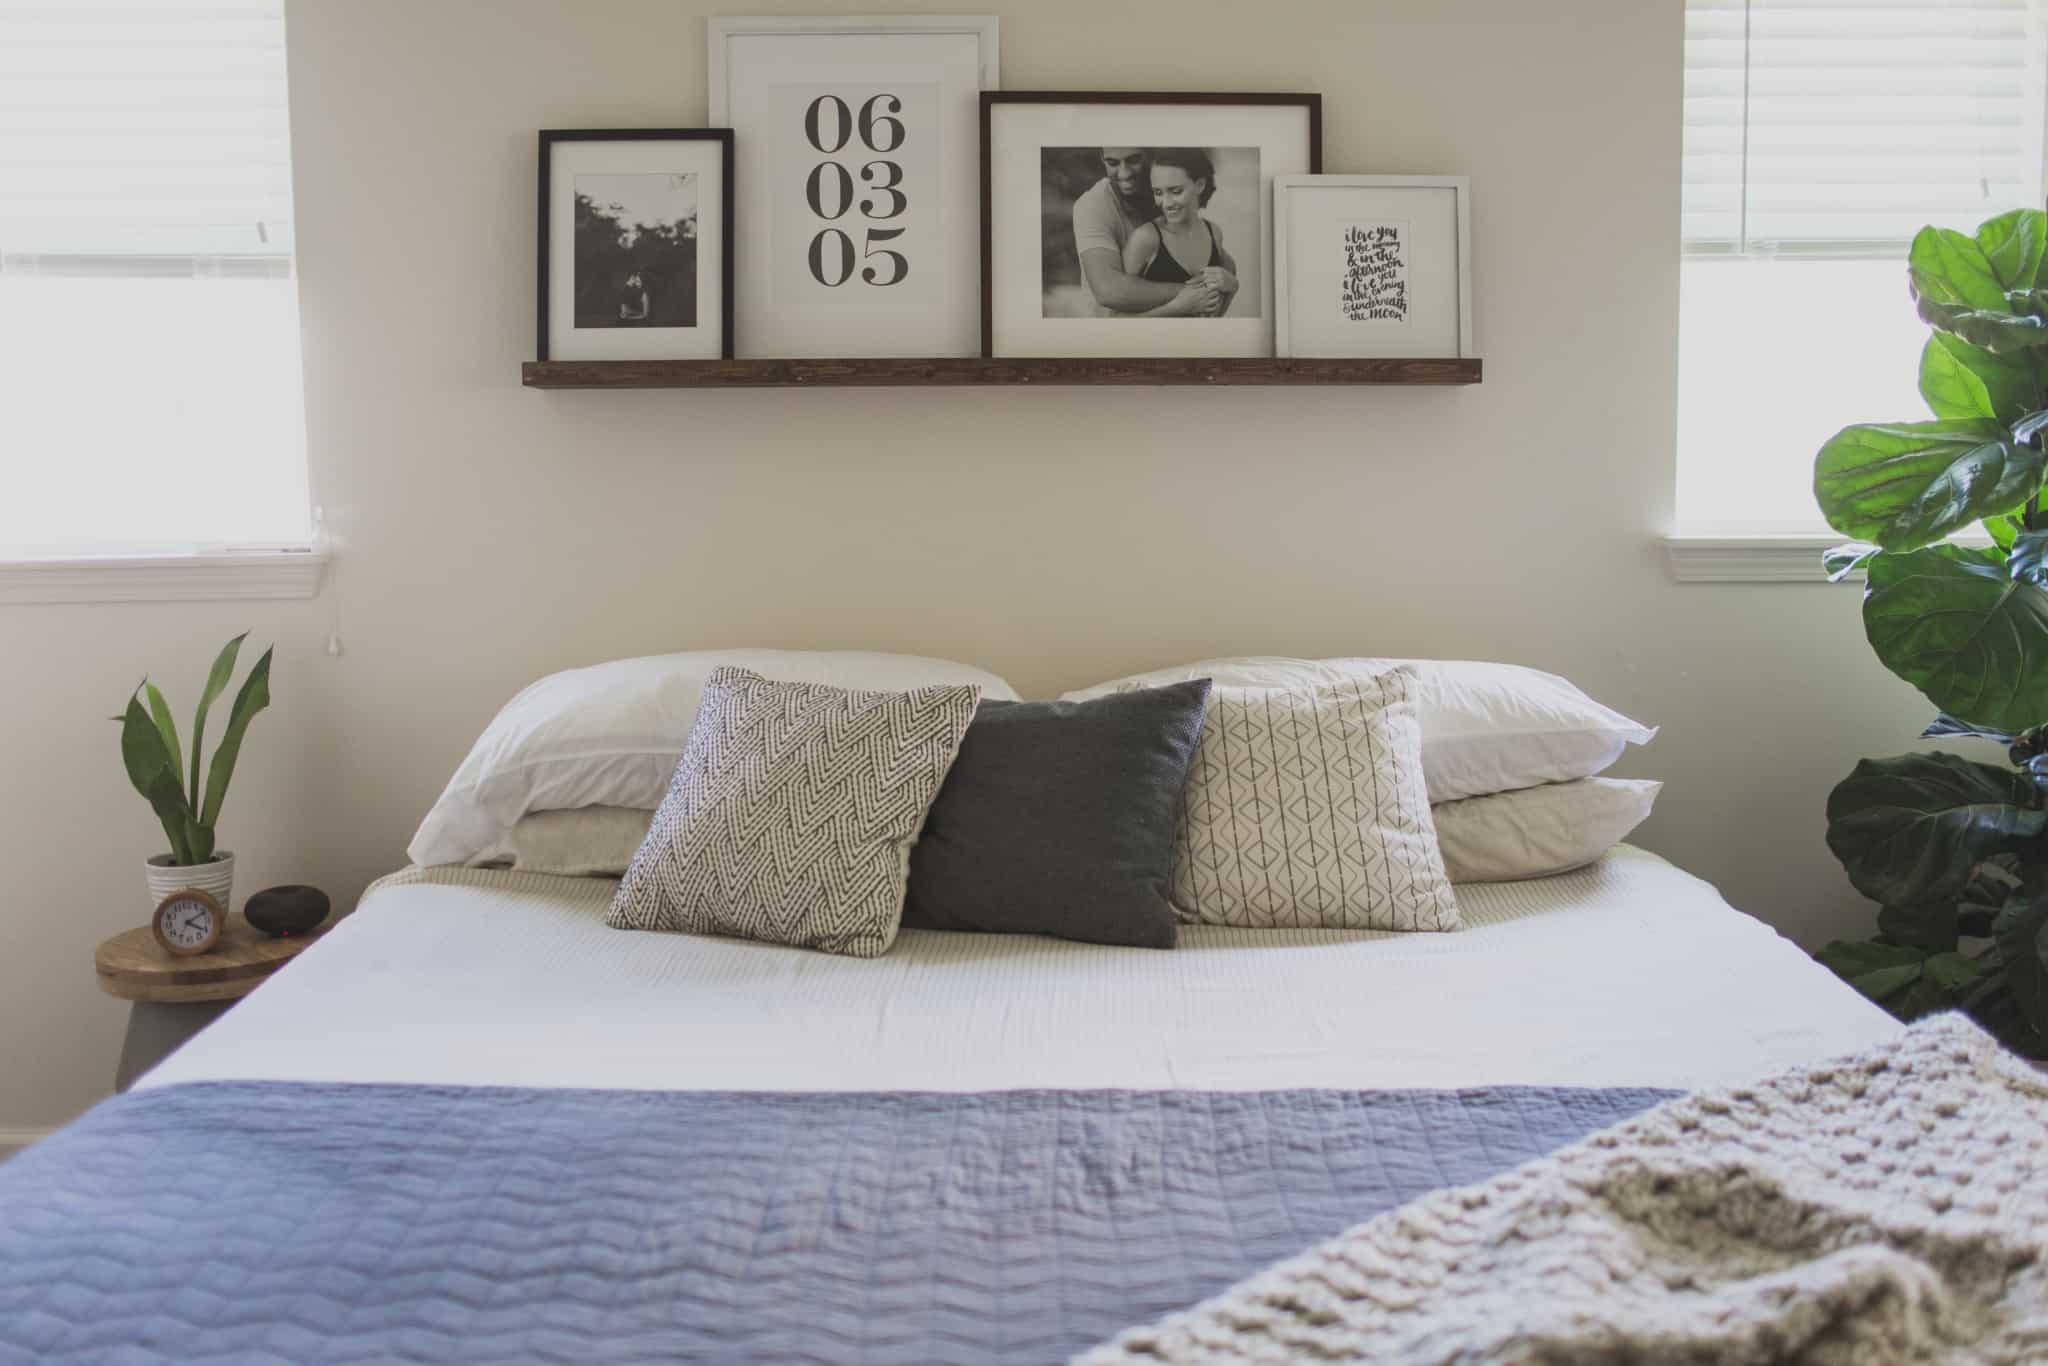 quarto com cama com três almofadas e molduras em cima